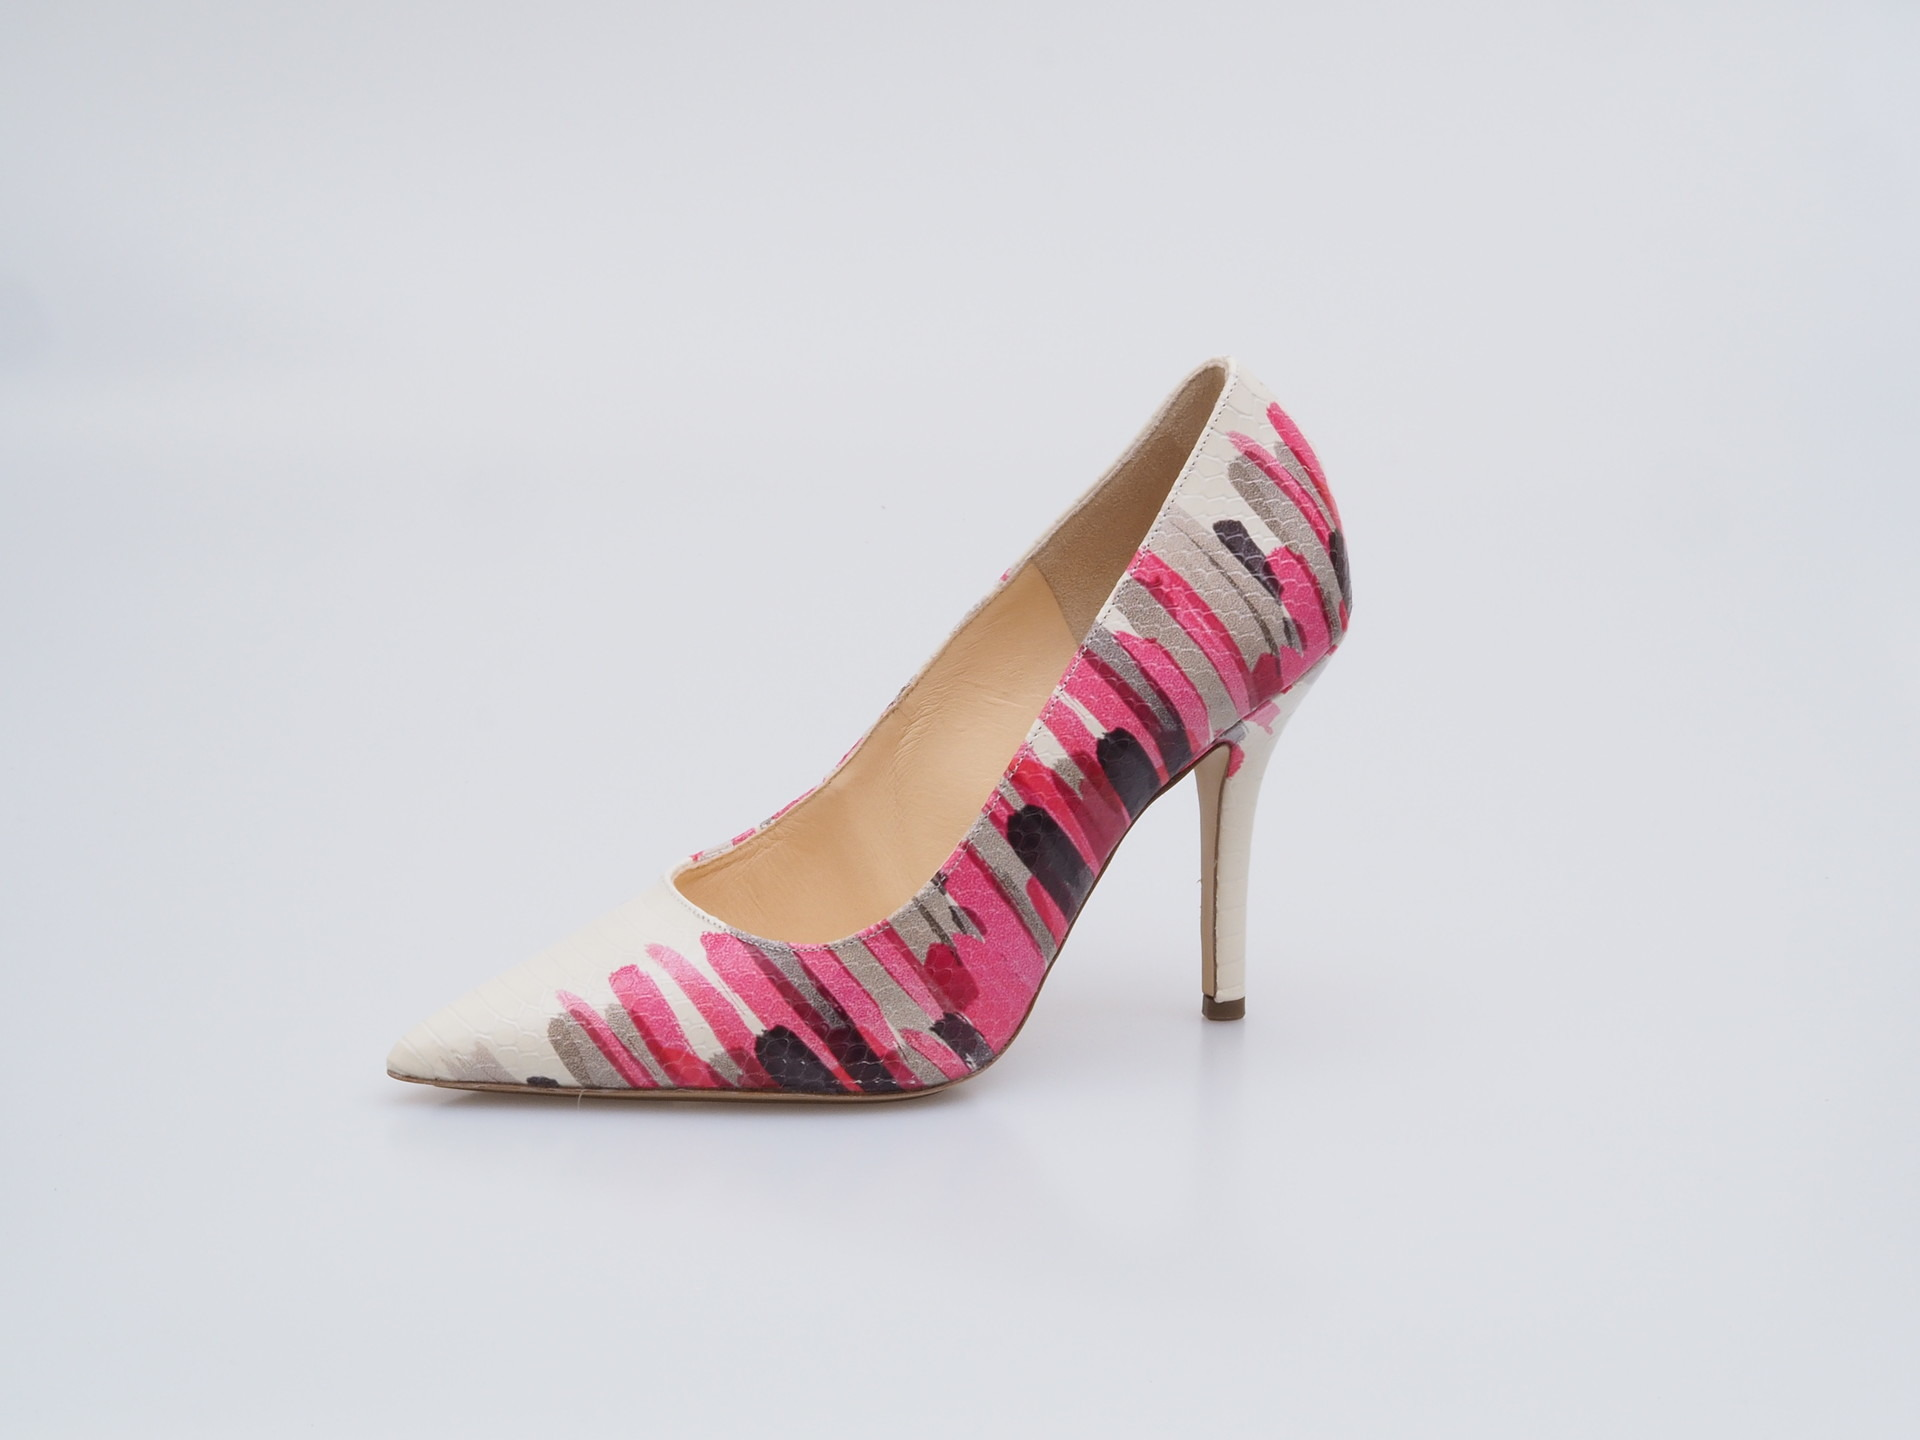 Soňa - Dámska obuv - Lodičky - Bielo-ružové lodičky Högl 1847fe7d77